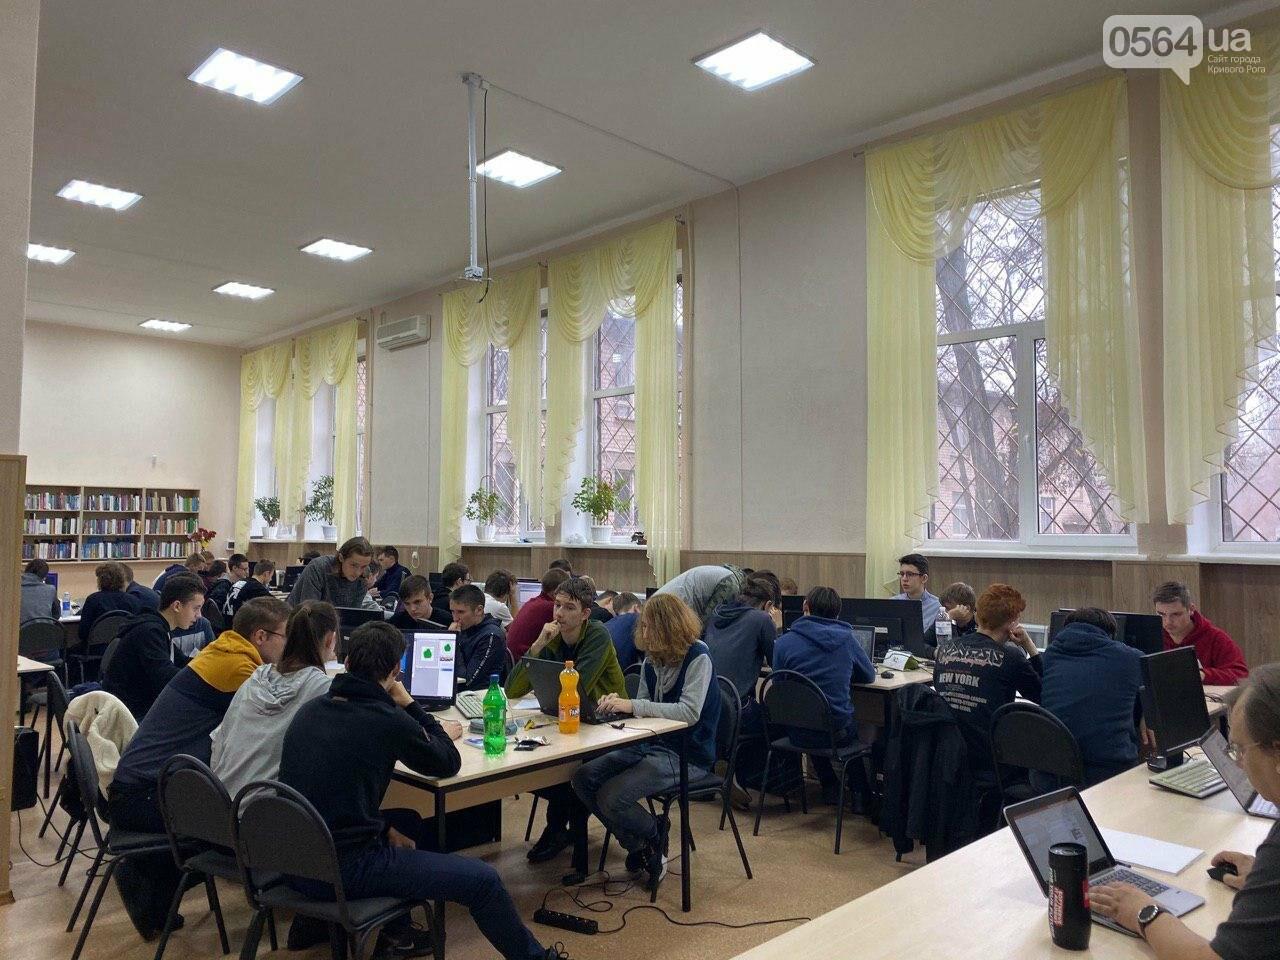 Впервые в Кривом Роге проходит Всеукраинский турнир юных информатиков, - ФОТО, фото-3